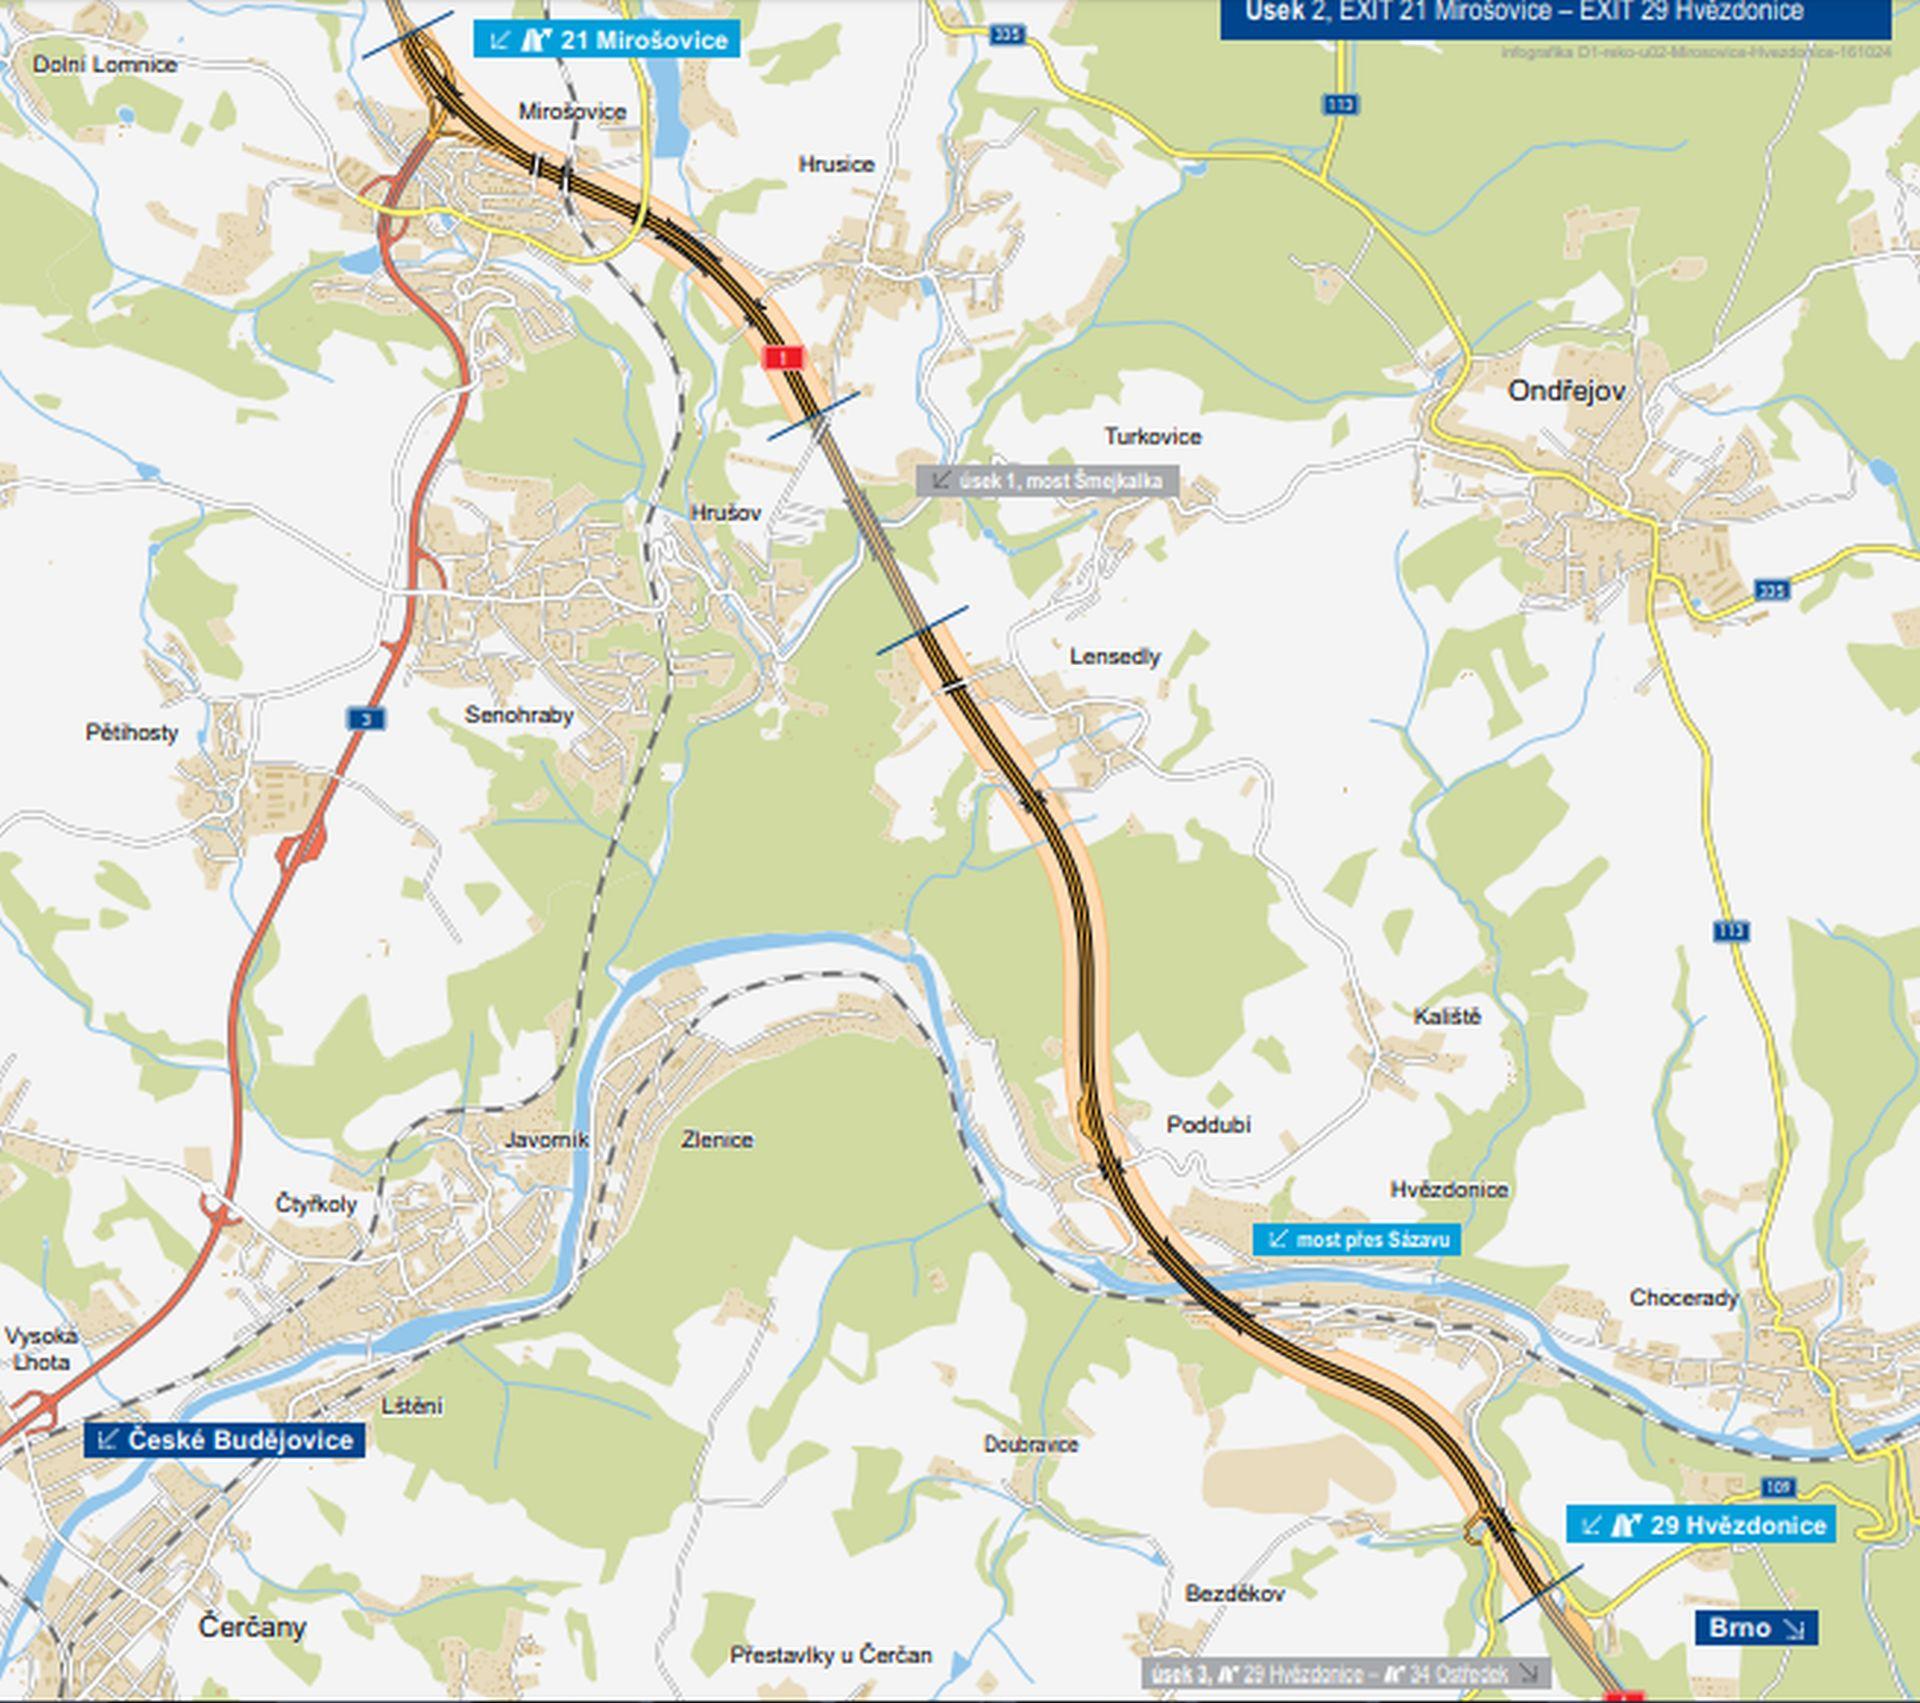 Mapa modernizovaného úseku D1 Mirošovice - Hvězdonice. Foto: ŘSD